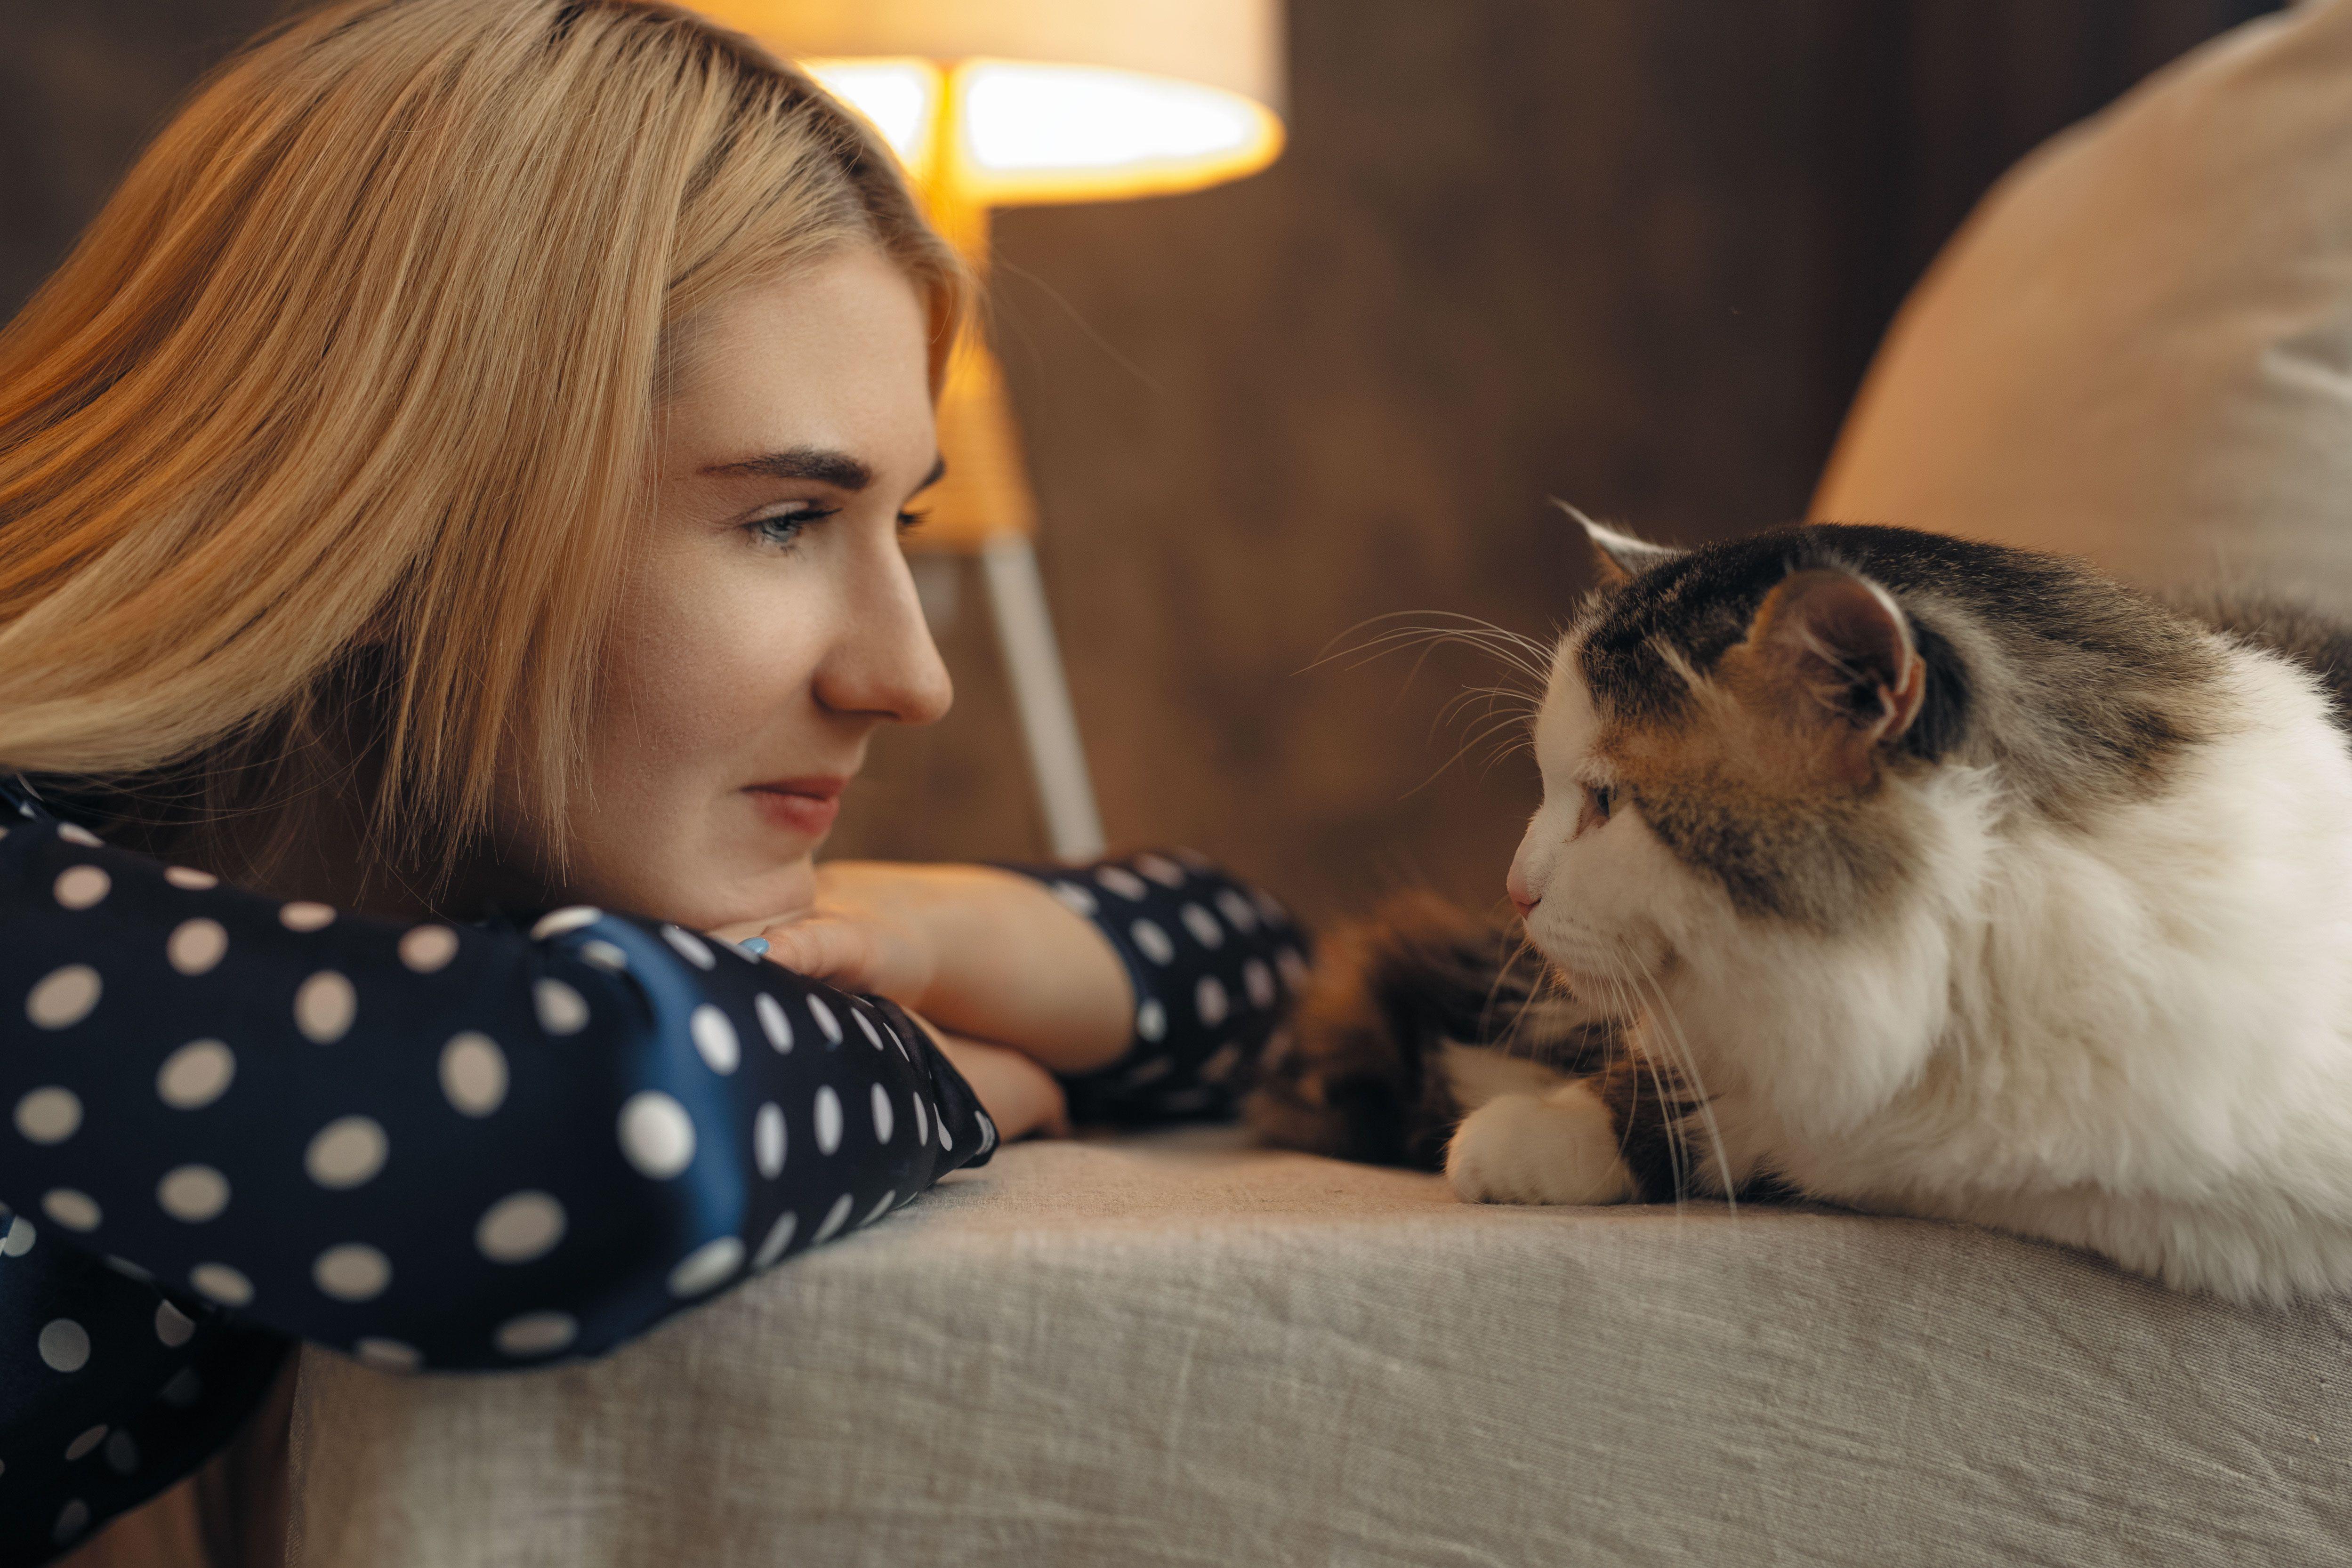 гламур, портрет, модель, арт, art, model, popular,питомец, кот, кошка, Иван Лосев